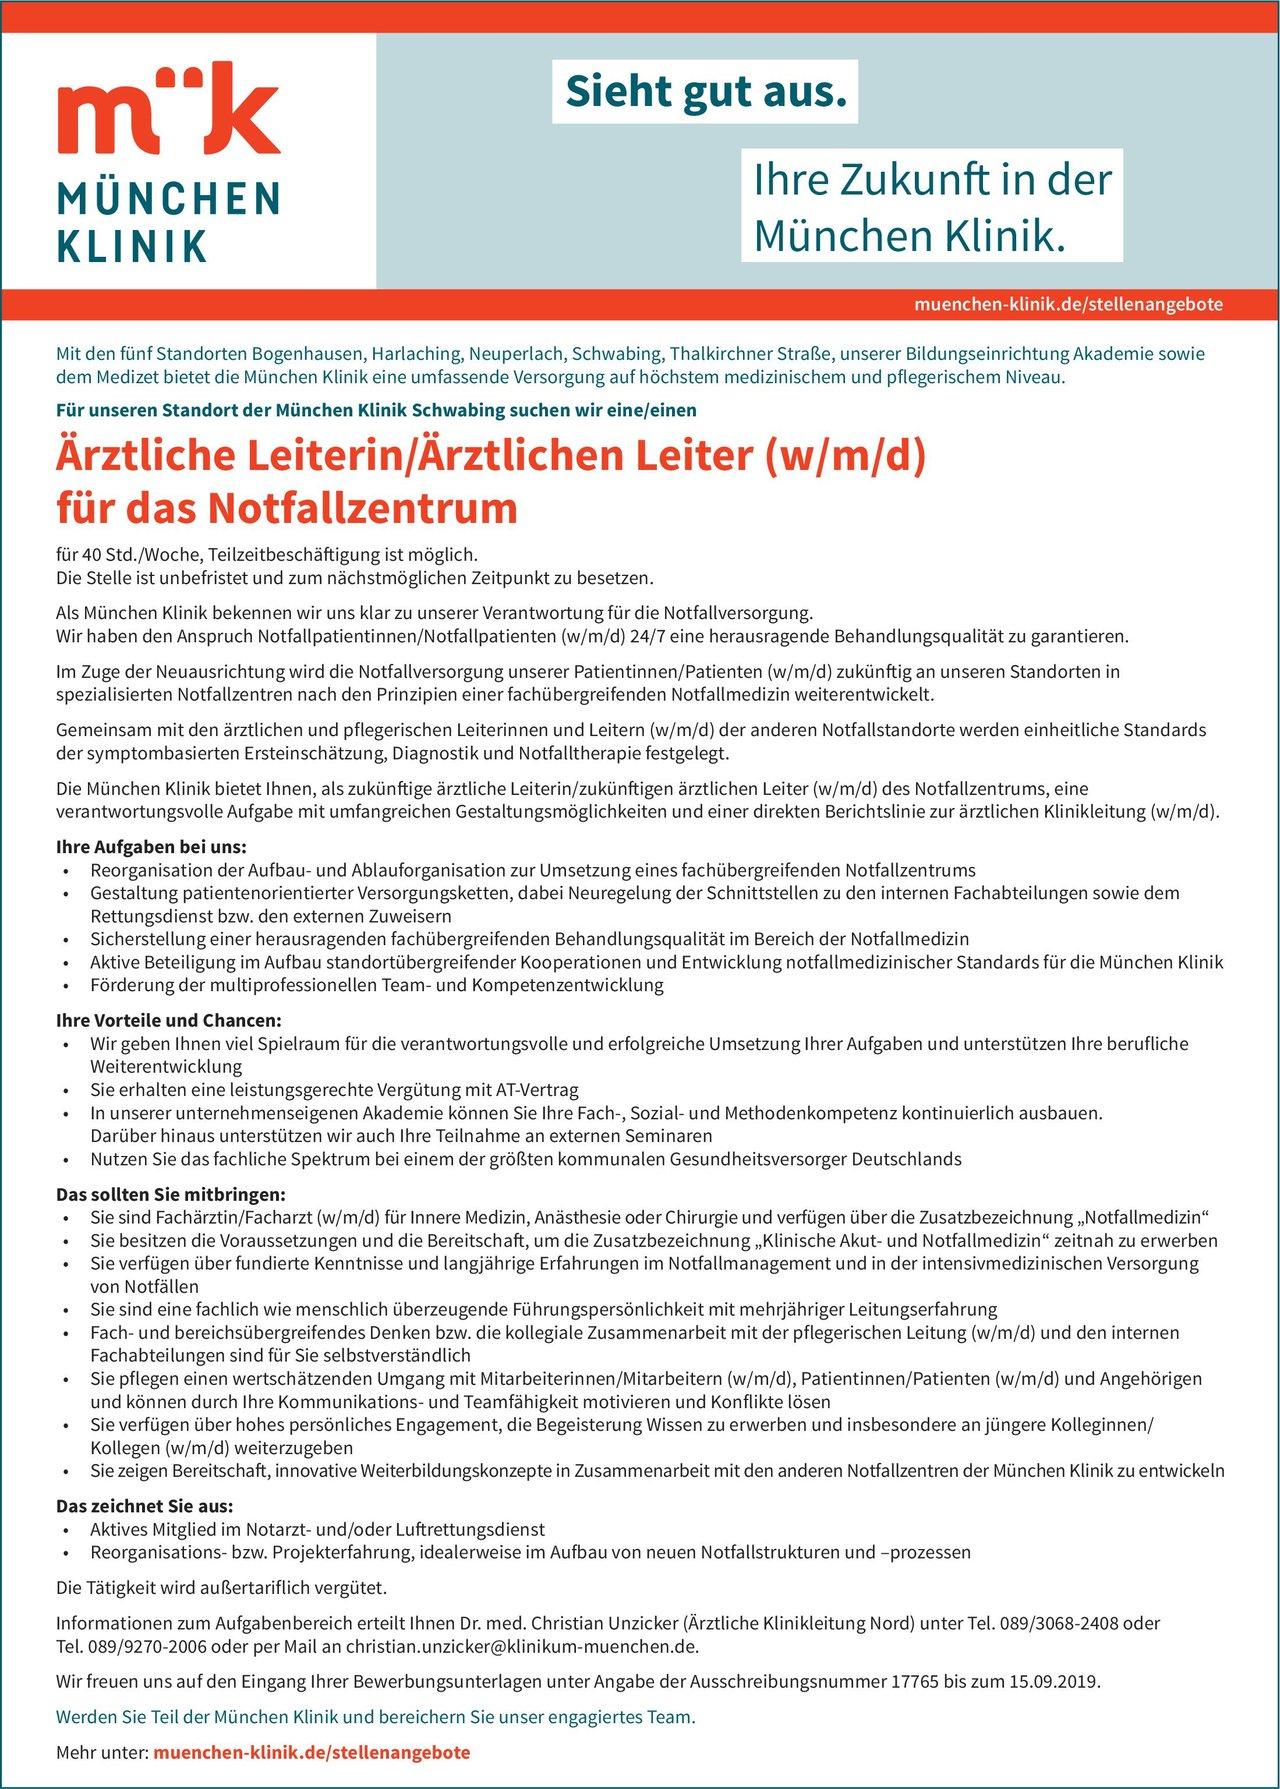 München Klinik Schwabing Ärztliche Leiterin/Ärztlicher Leiter (w/m/d) für das Notfallzentrum  Allgemeinchirurgie, Innere Medizin, Anästhesiologie / Intensivmedizin Arzt / Facharzt, Ärztl. Leiter